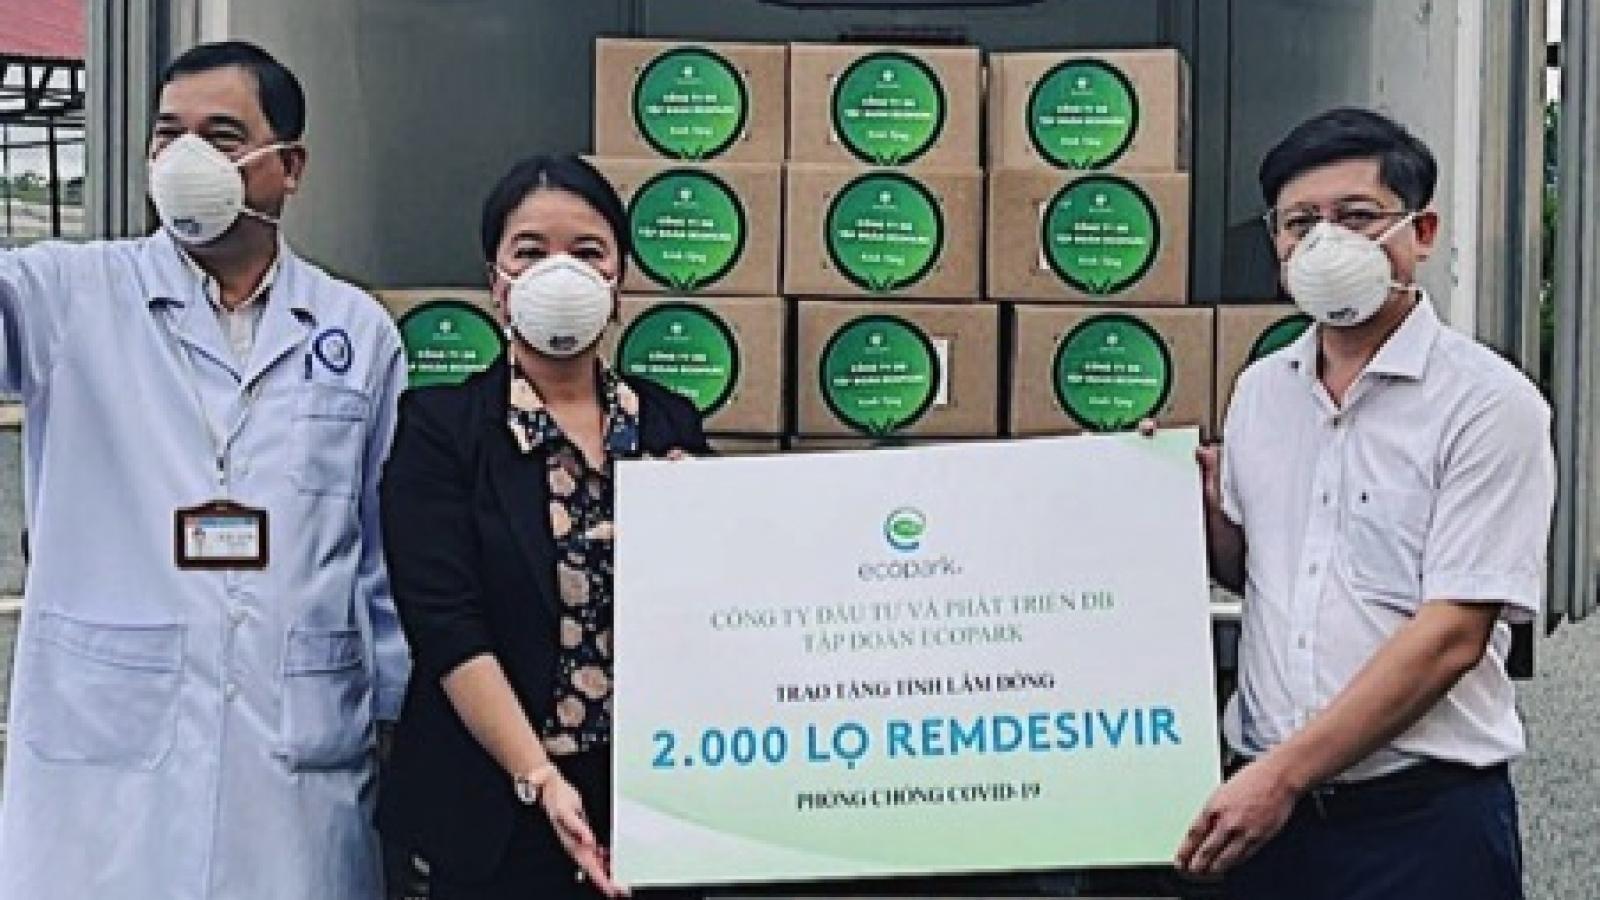 Lô thuốc 200.000 lọ Remdesivir đặc trị Covid-19 về Việt Nam được phân bổ thế nào?